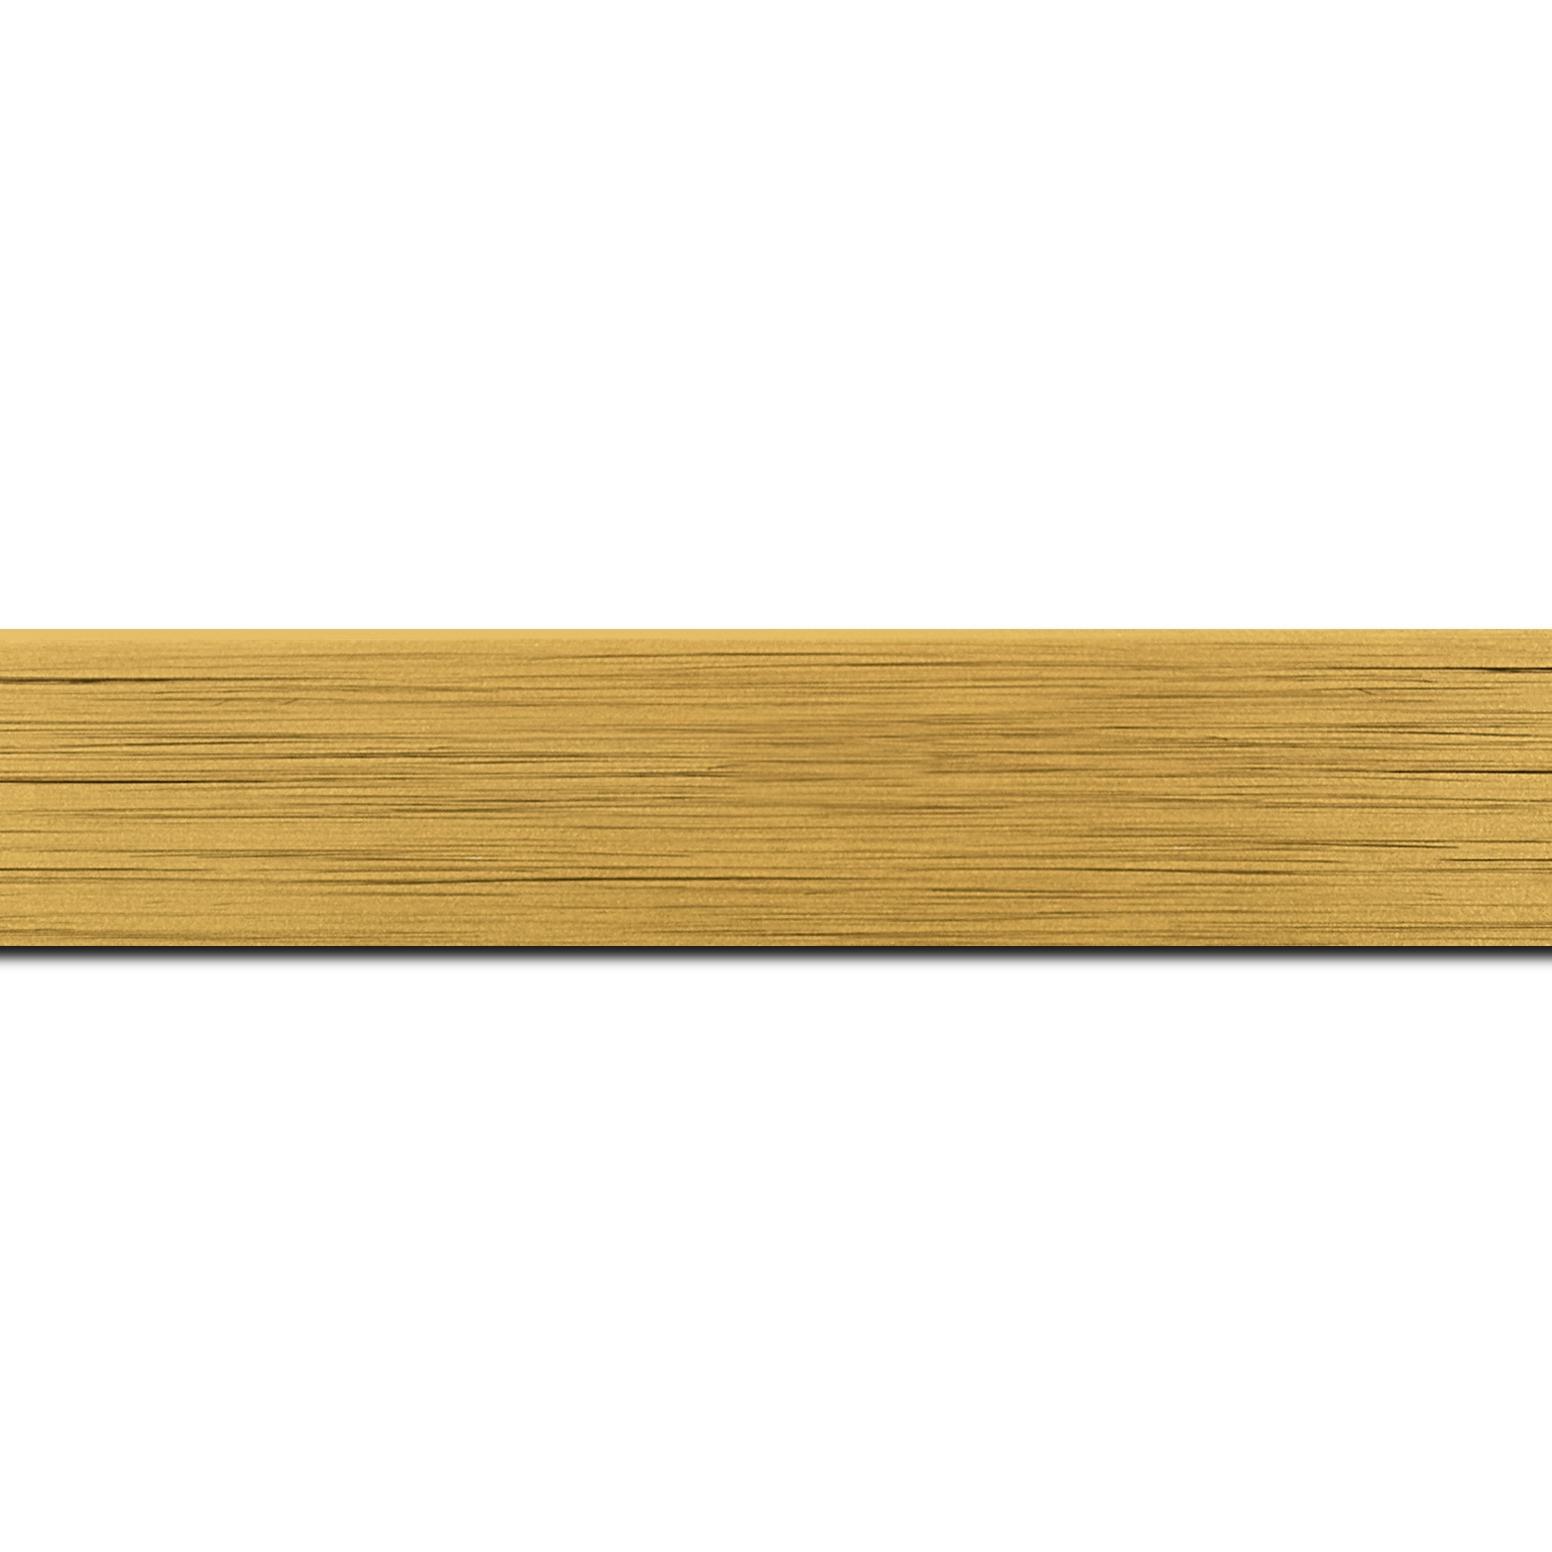 Pack par 12m, bois profil plat largeur 3cm couleur or effet cube (le sujet qui sera glissé dans le cadre sera en retrait de la face du cadre de 1.4cm assurant un effet très contemporain) (longueur baguette pouvant varier entre 2.40m et 3m selon arrivage des bois)